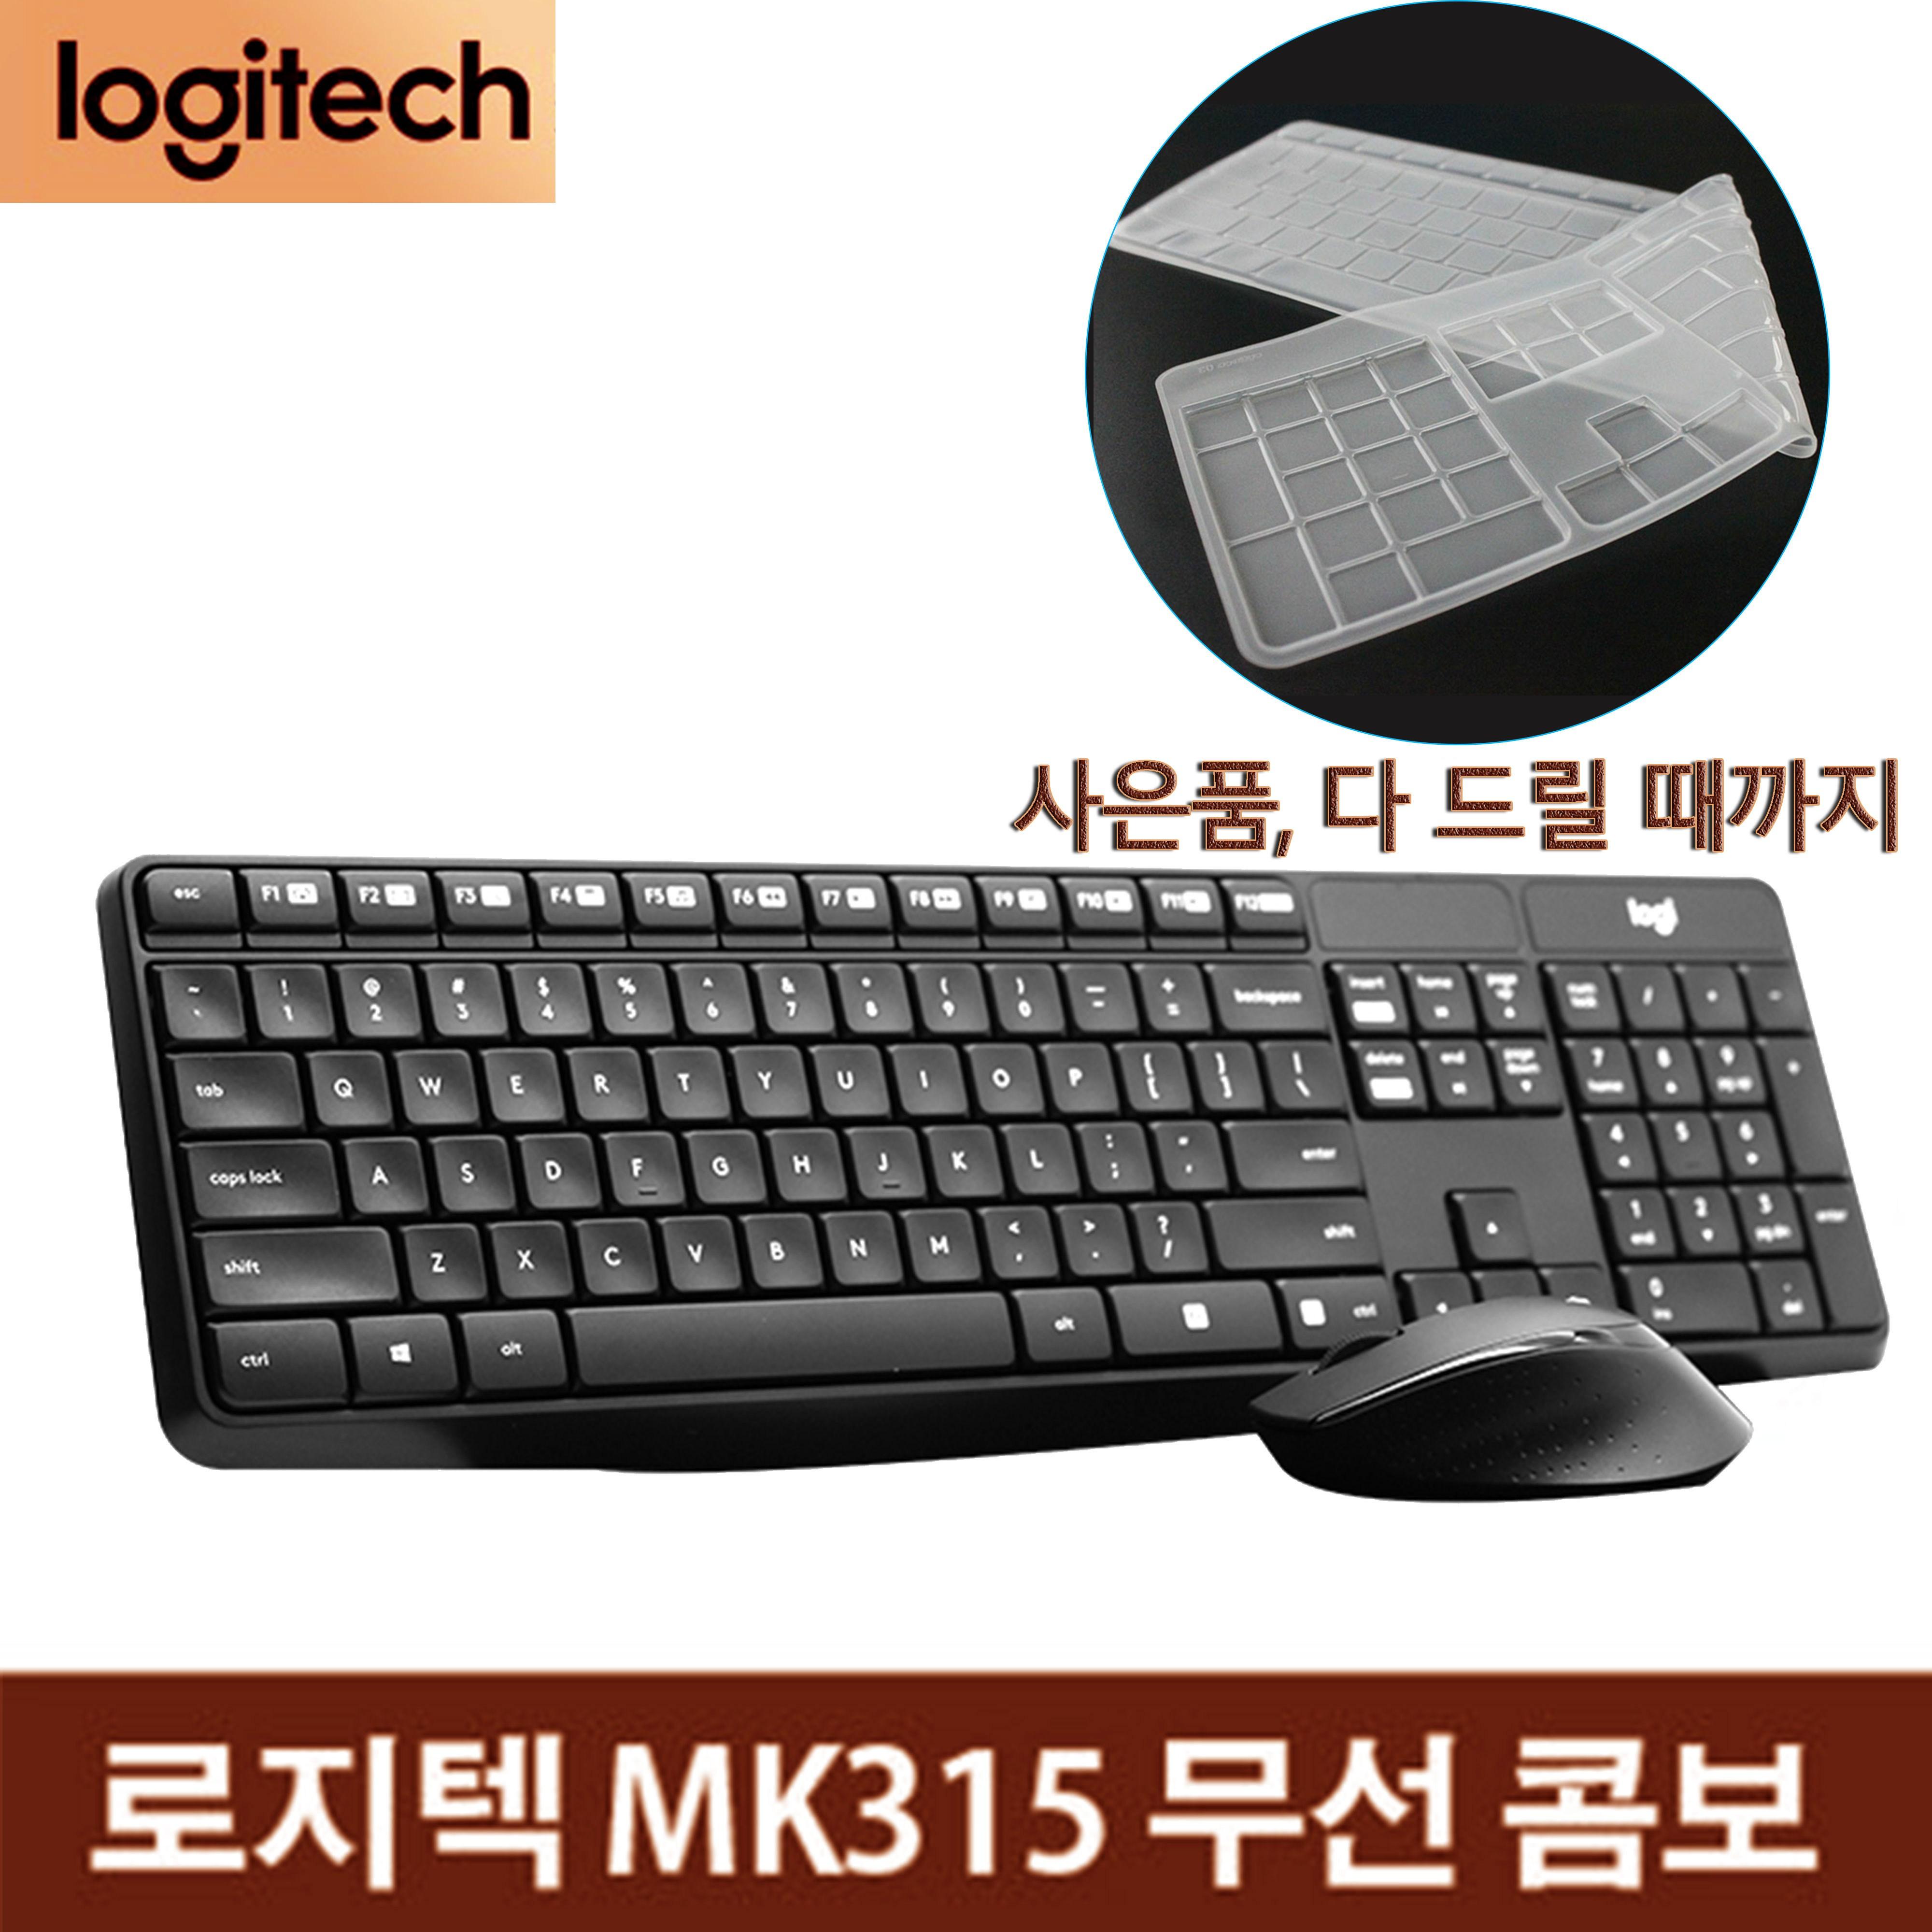 로지텍 MK315 무선 마우스 키보드 무소음 콤보(영문 키보드), 블랙